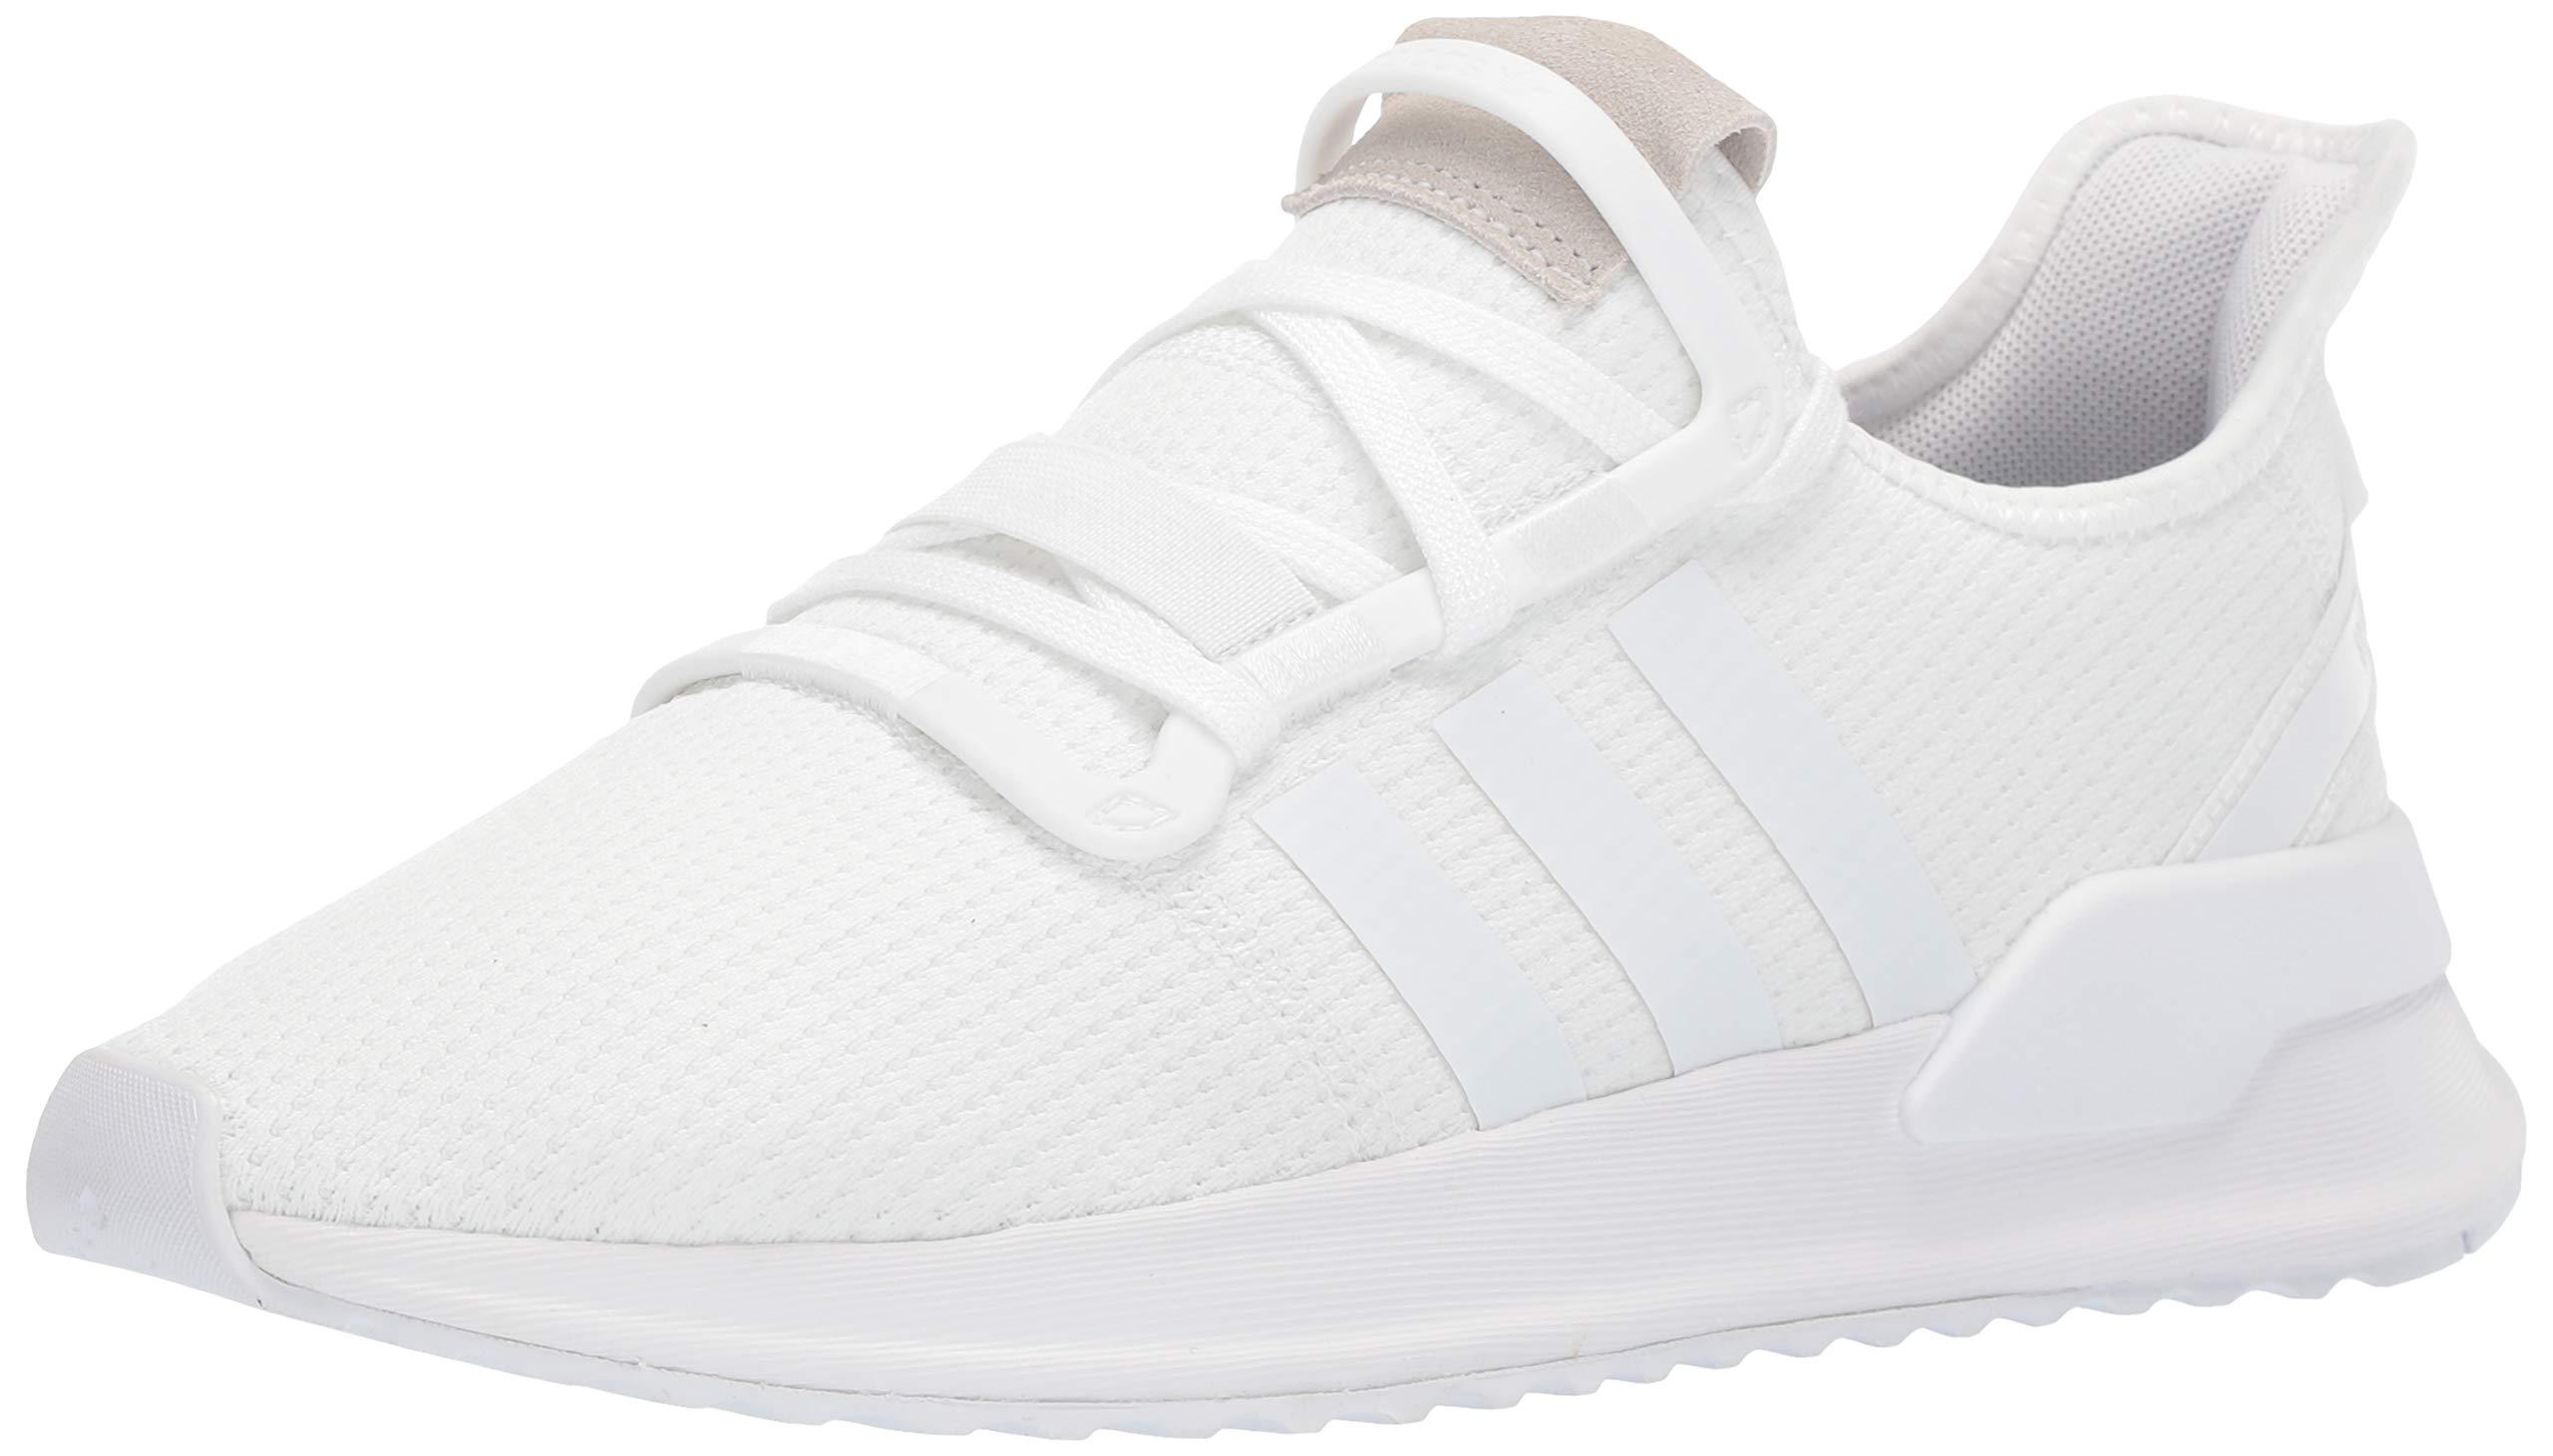 adidas Originals Men's U_Path Running Shoe, White/Black, 4 M US